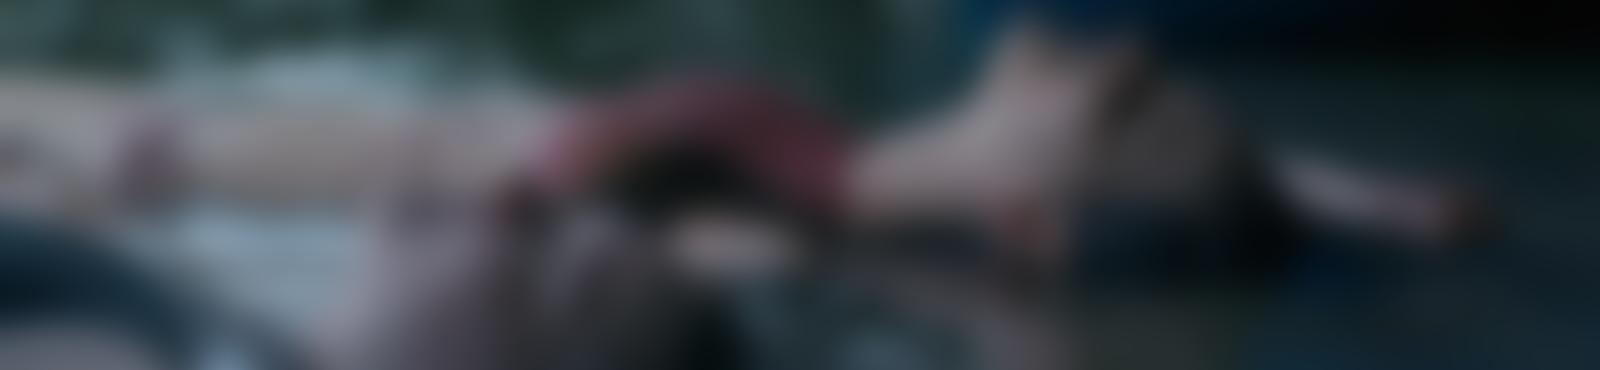 Blurred 3e933da0 fd90 48f0 bd8c 8faf10577288